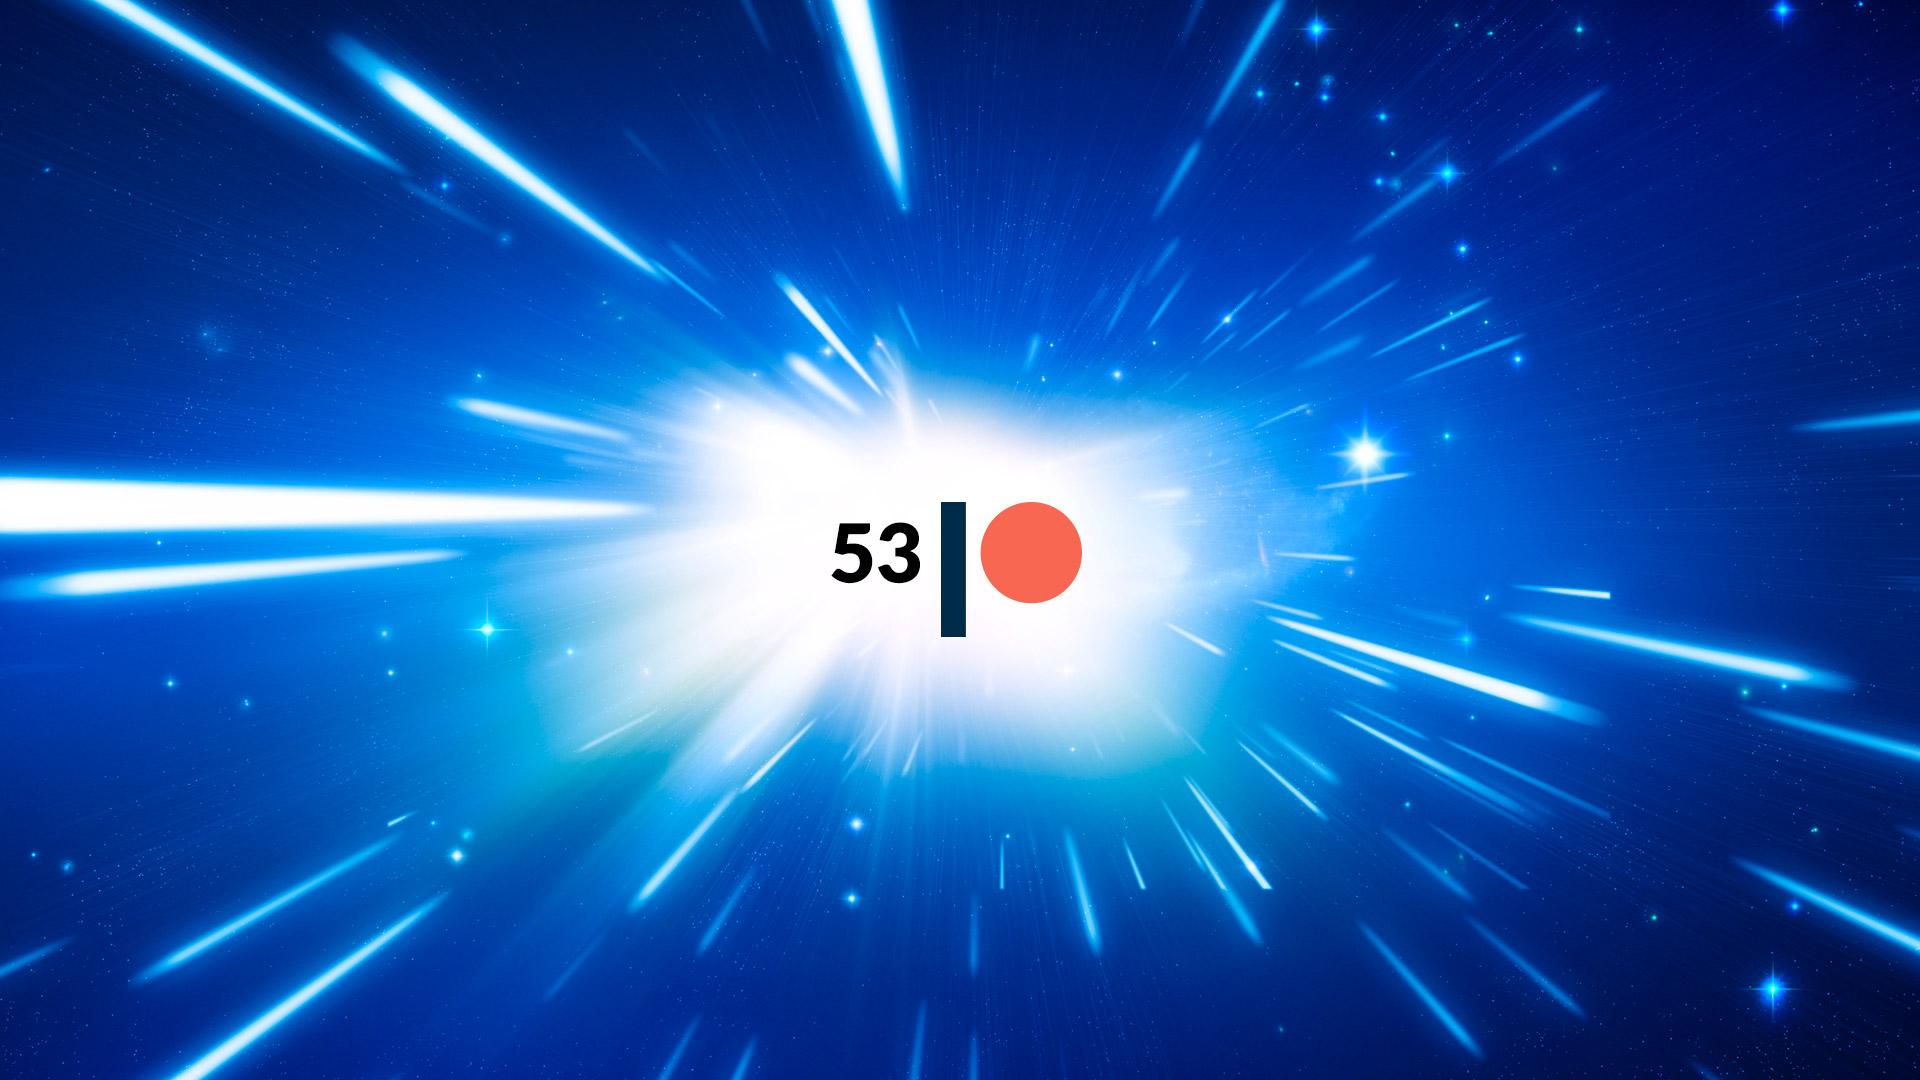 PR-53-Widescreen.jpg